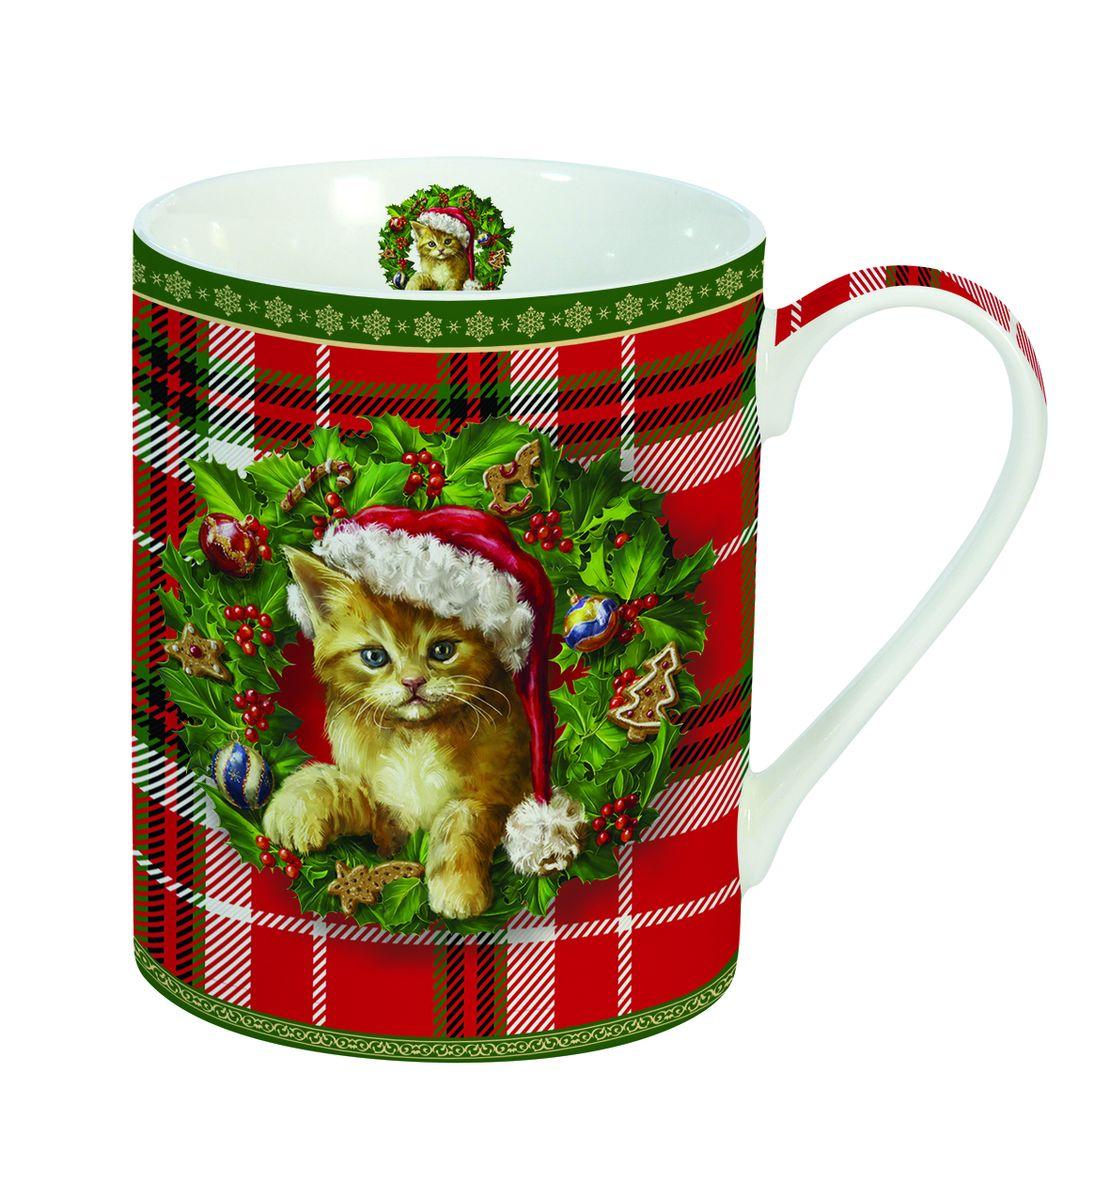 """Кружка Nuova R2S """"Новогодний котенок"""", изготовленная из высококачественного фарфора, оформлена ярким рисунком. Красочность  оформления придется по вкусу и ценителям классики, и тем, кто предпочитает утонченность и изысканность. Такая кружка - отличный вариант  новогоднего подарка для ваших близких и друзей."""